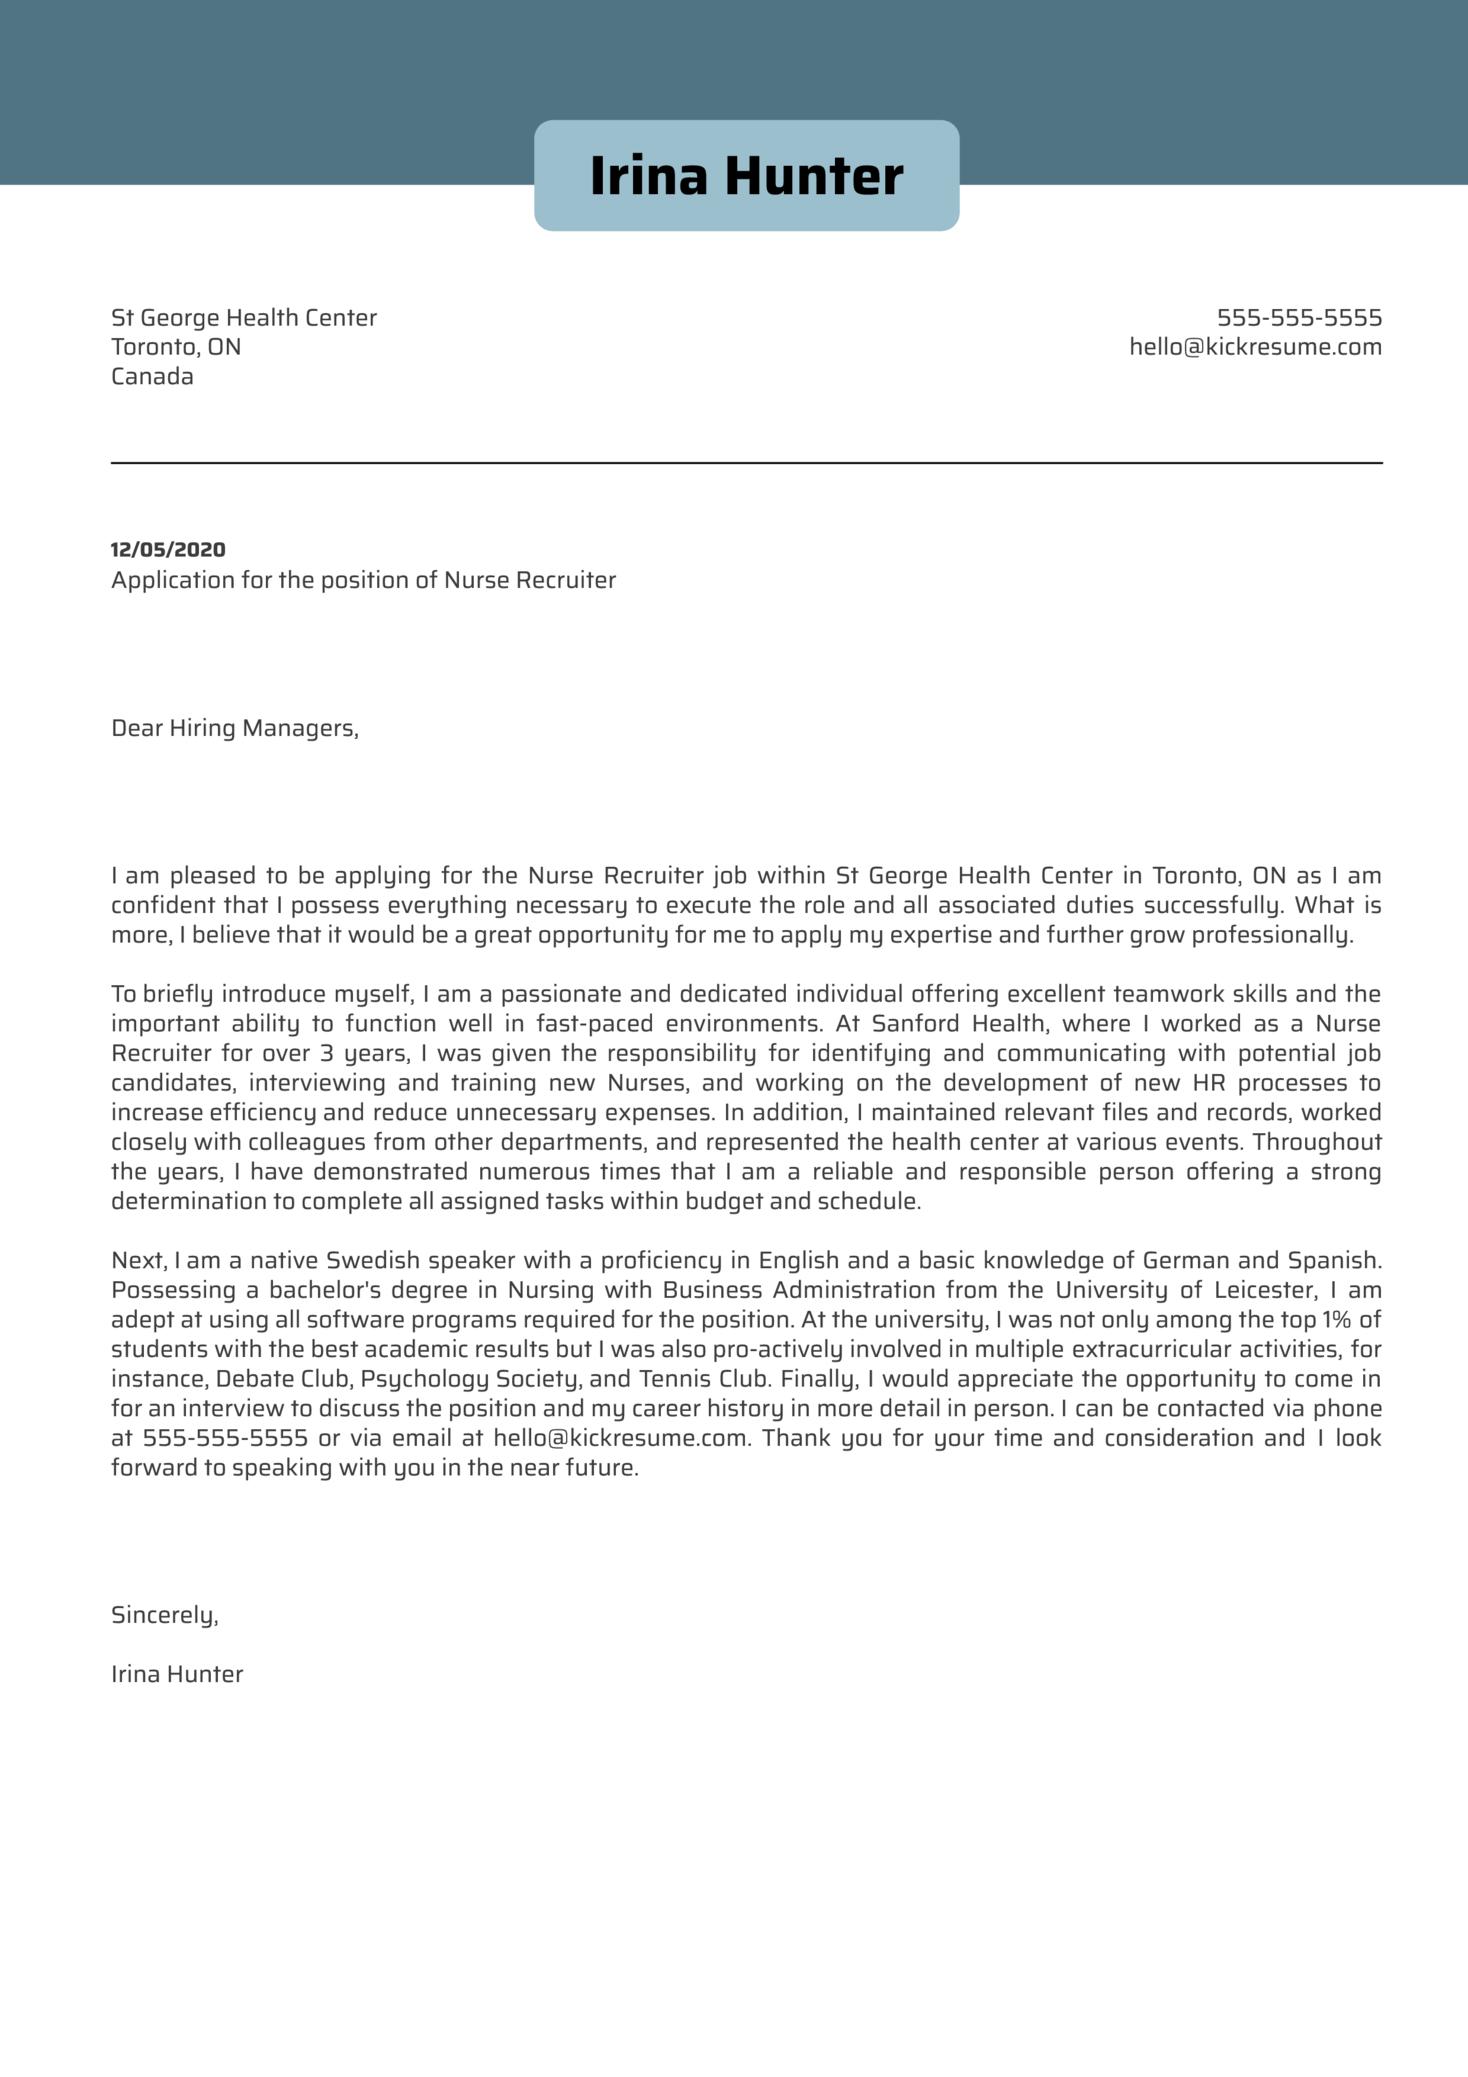 Nurse Recruiter Cover Letter Sample